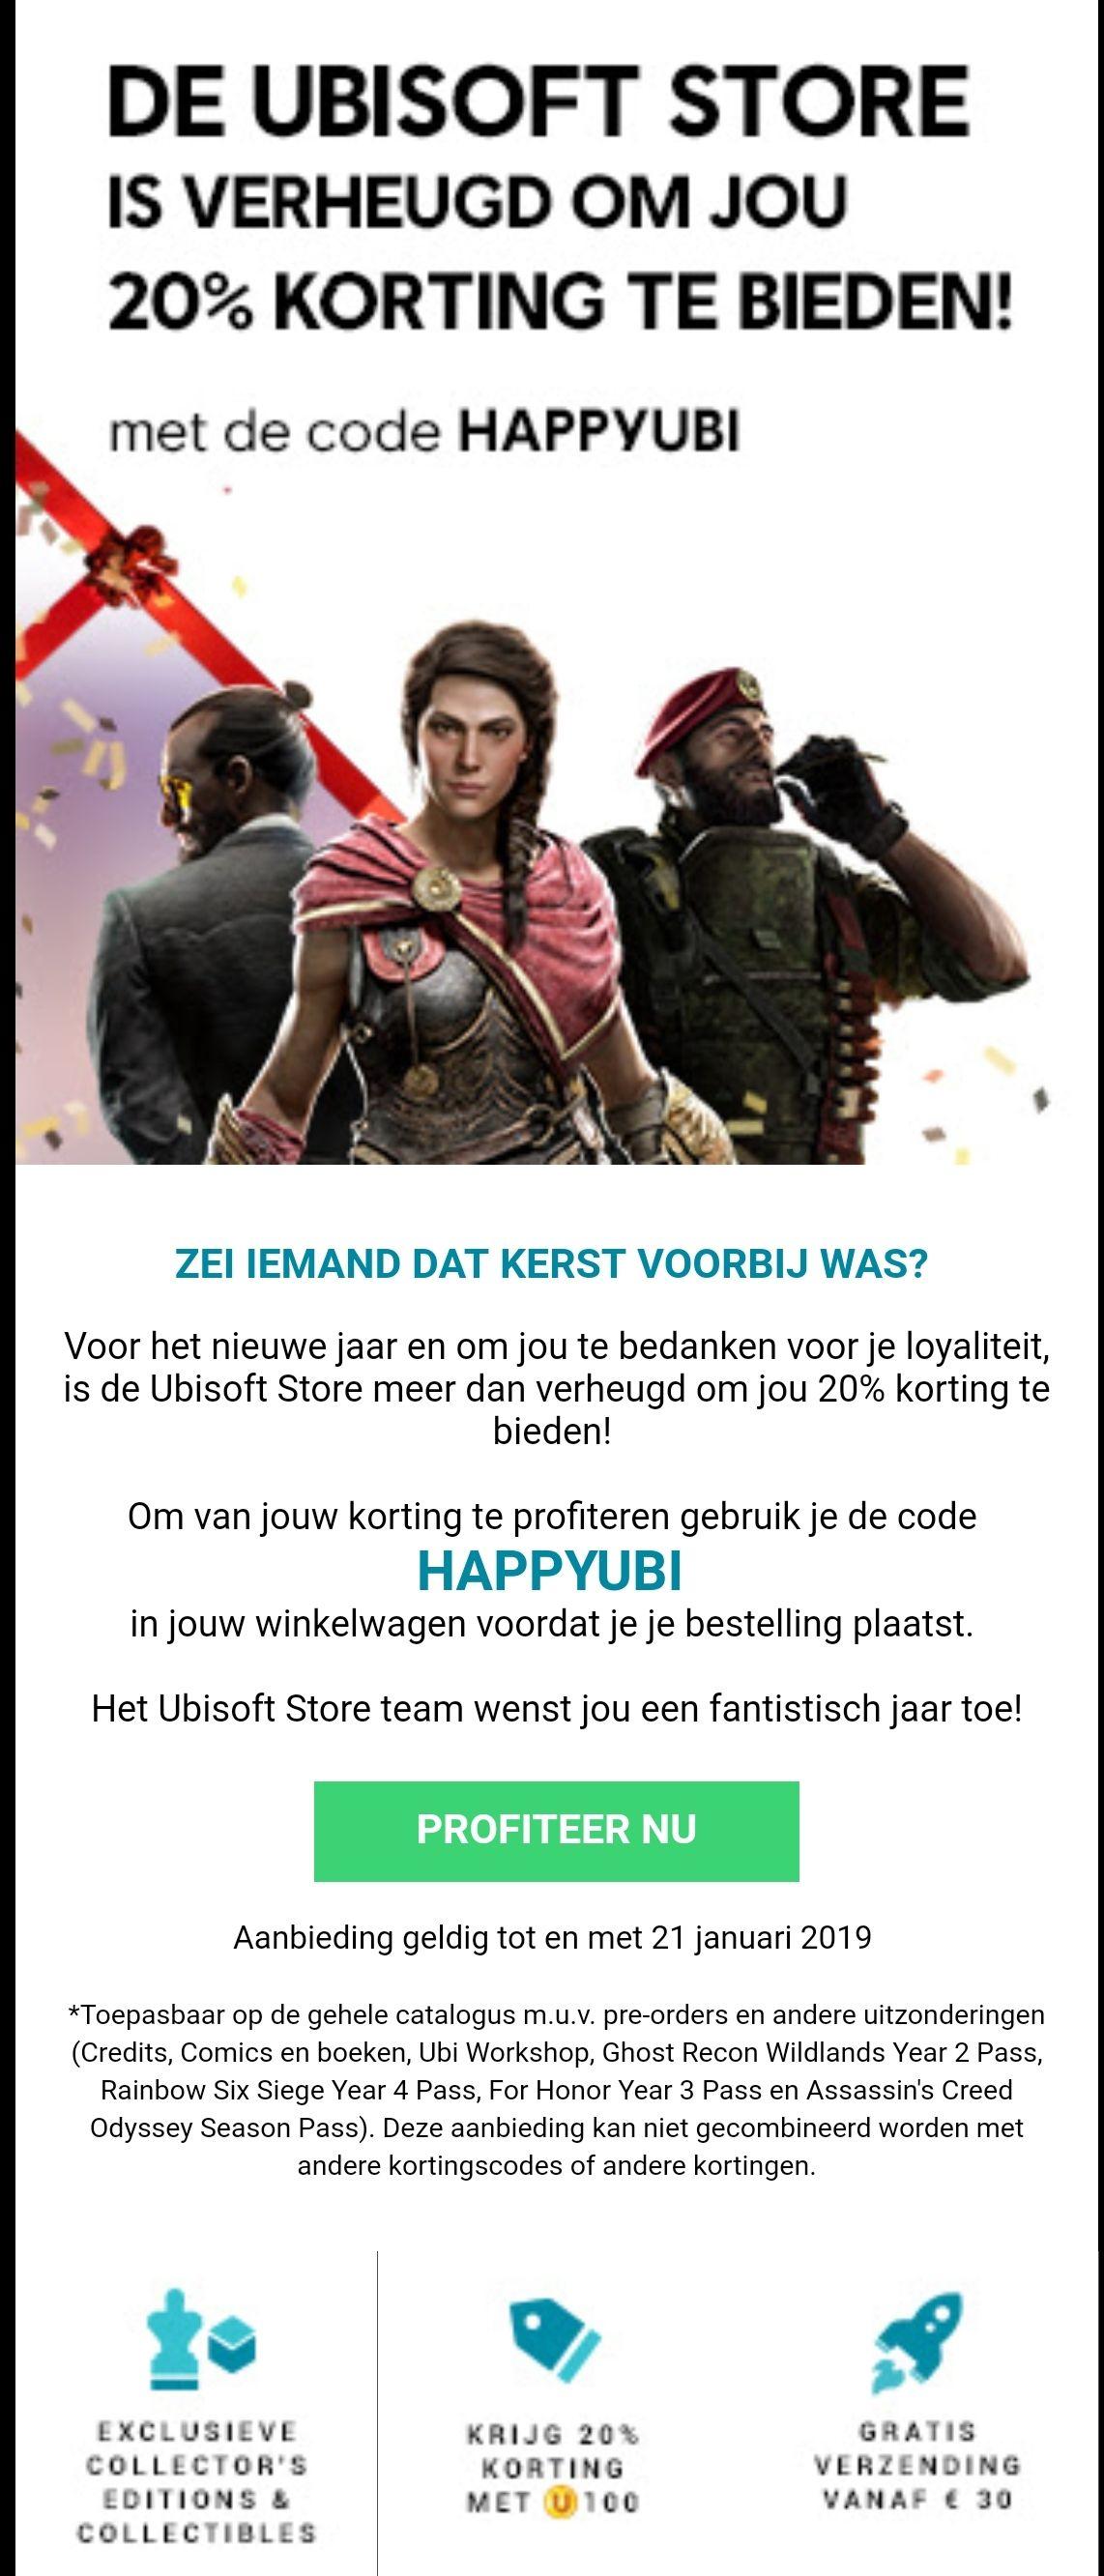 20% korting in de Ubisoft store